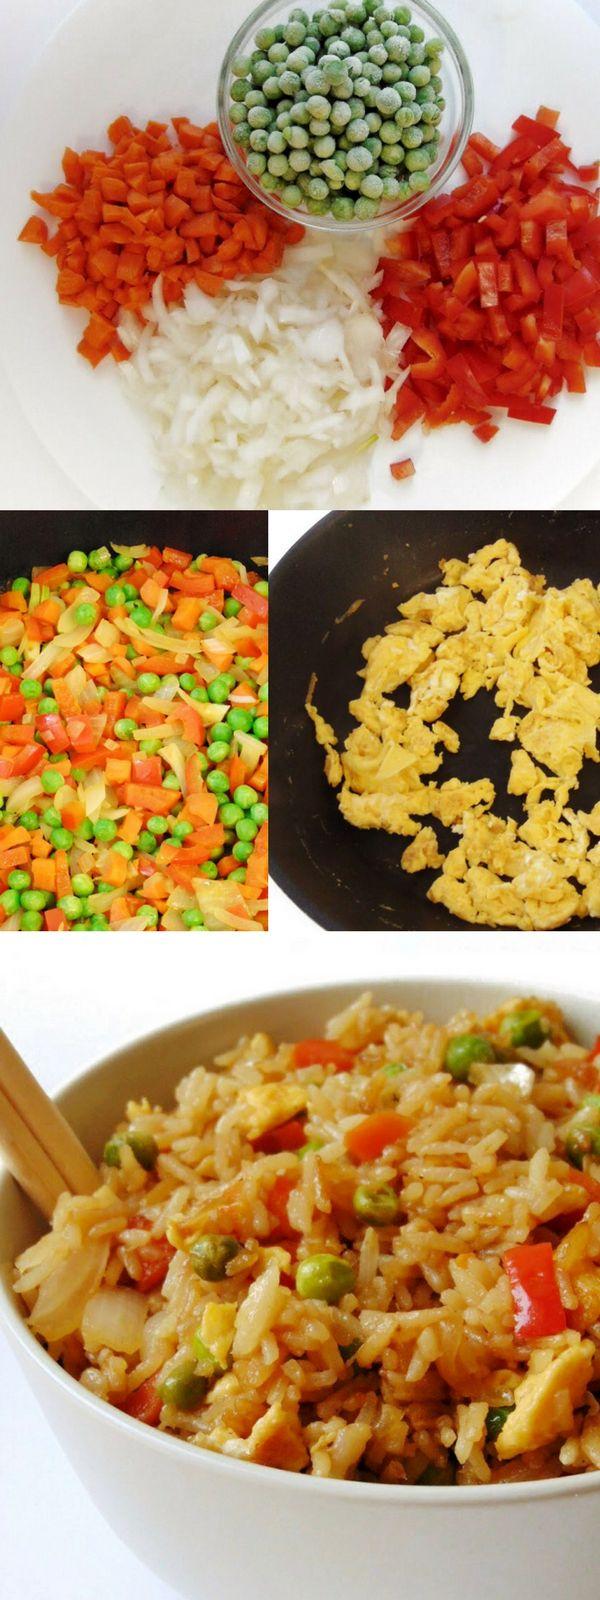 Arroz chino con verduras y huevo | Arroz frito estilo chino simplificado | Receta saludable | Tasty details